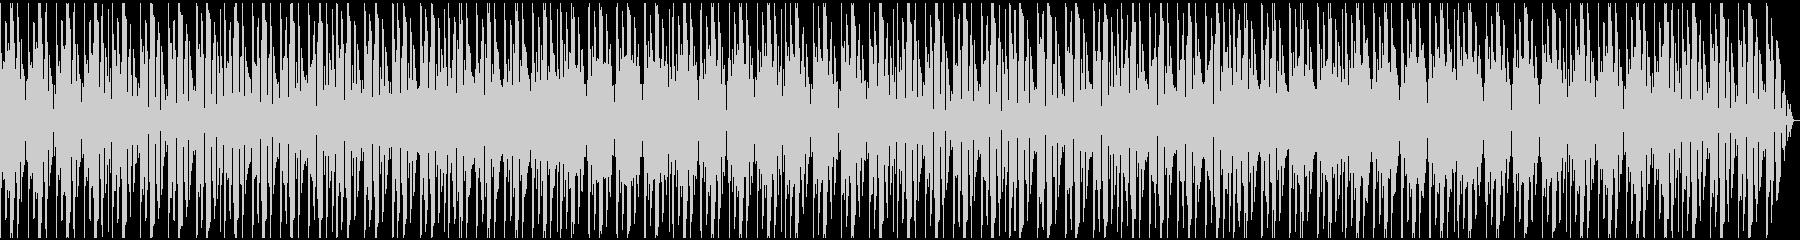 ニュース番組で流れそうな曲1の未再生の波形